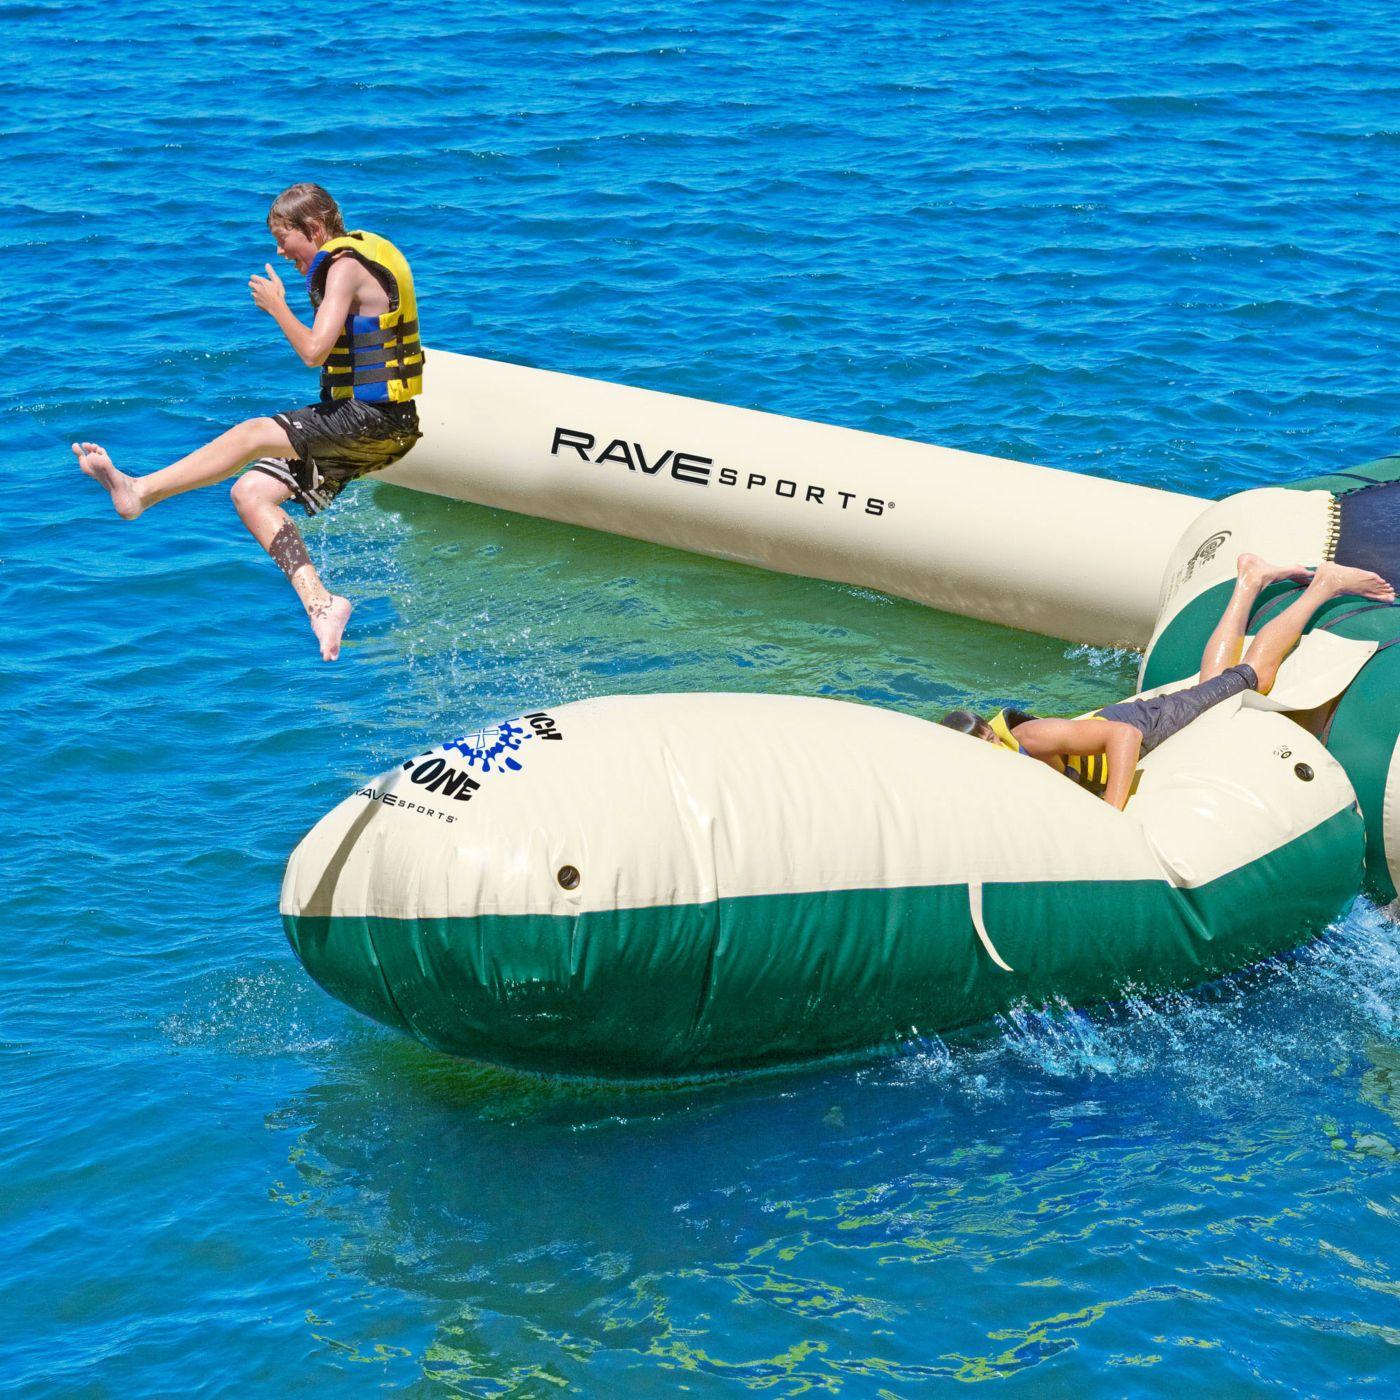 Rave Sports Northwood's Aqua Launch